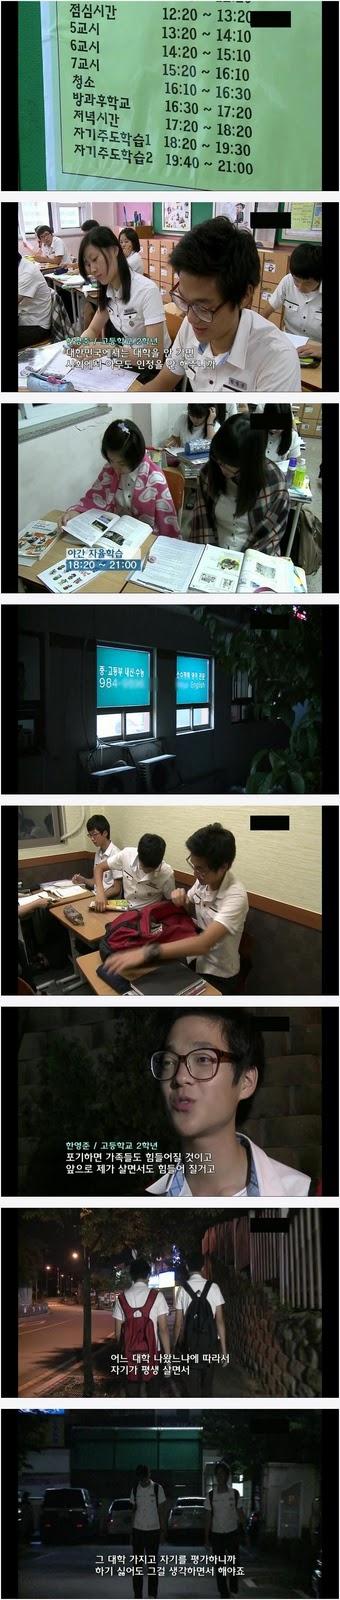 덴마크 학생, 한국의 학생